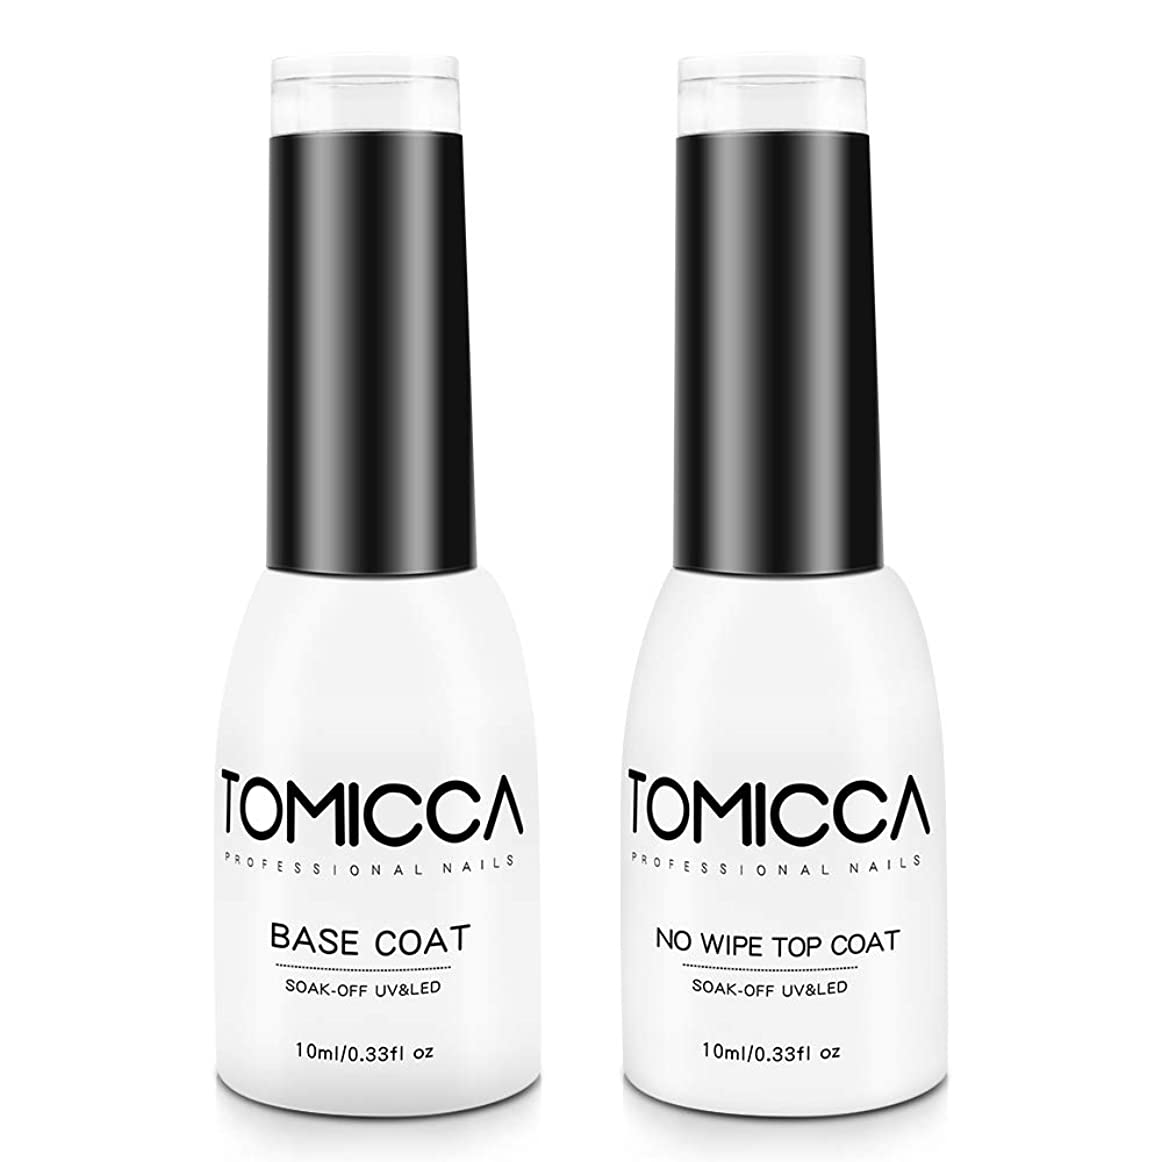 コンプライアンスサラミ酔ったTOMICCA ジェルネイル ベースコート トップコート 10ml 2本セット 拭き取り不要 UV/LED対応 大容量 (ベース&トップコート)